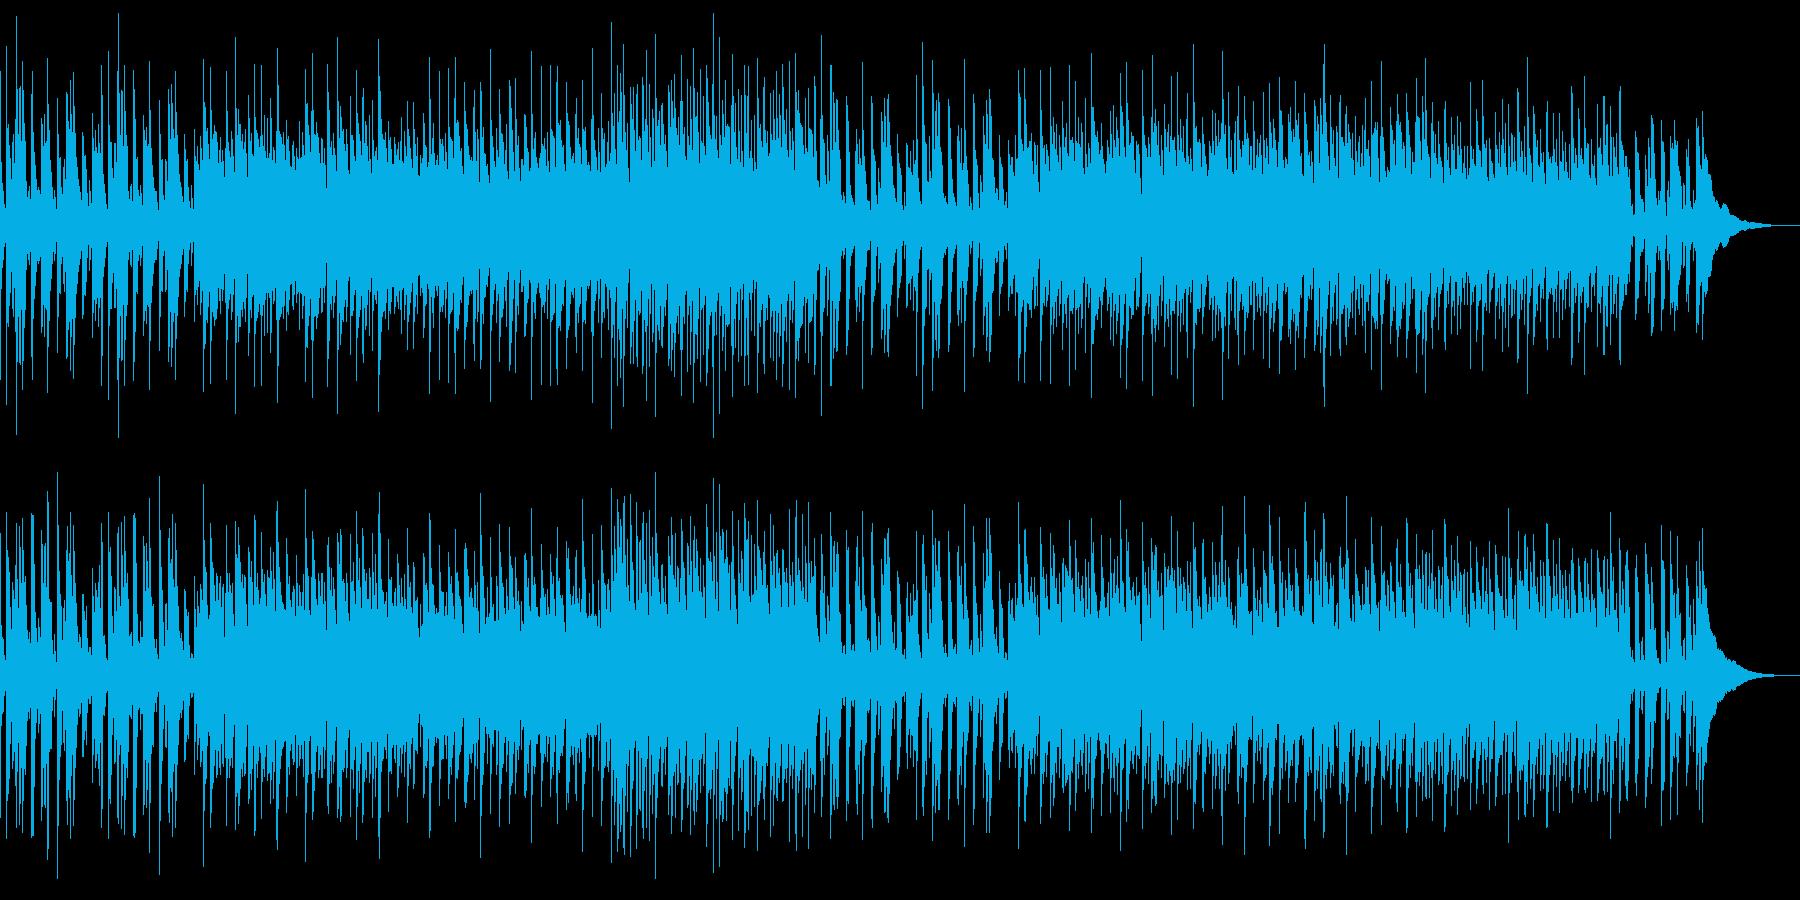 ちょっと切ないカントリー・ミュージックの再生済みの波形